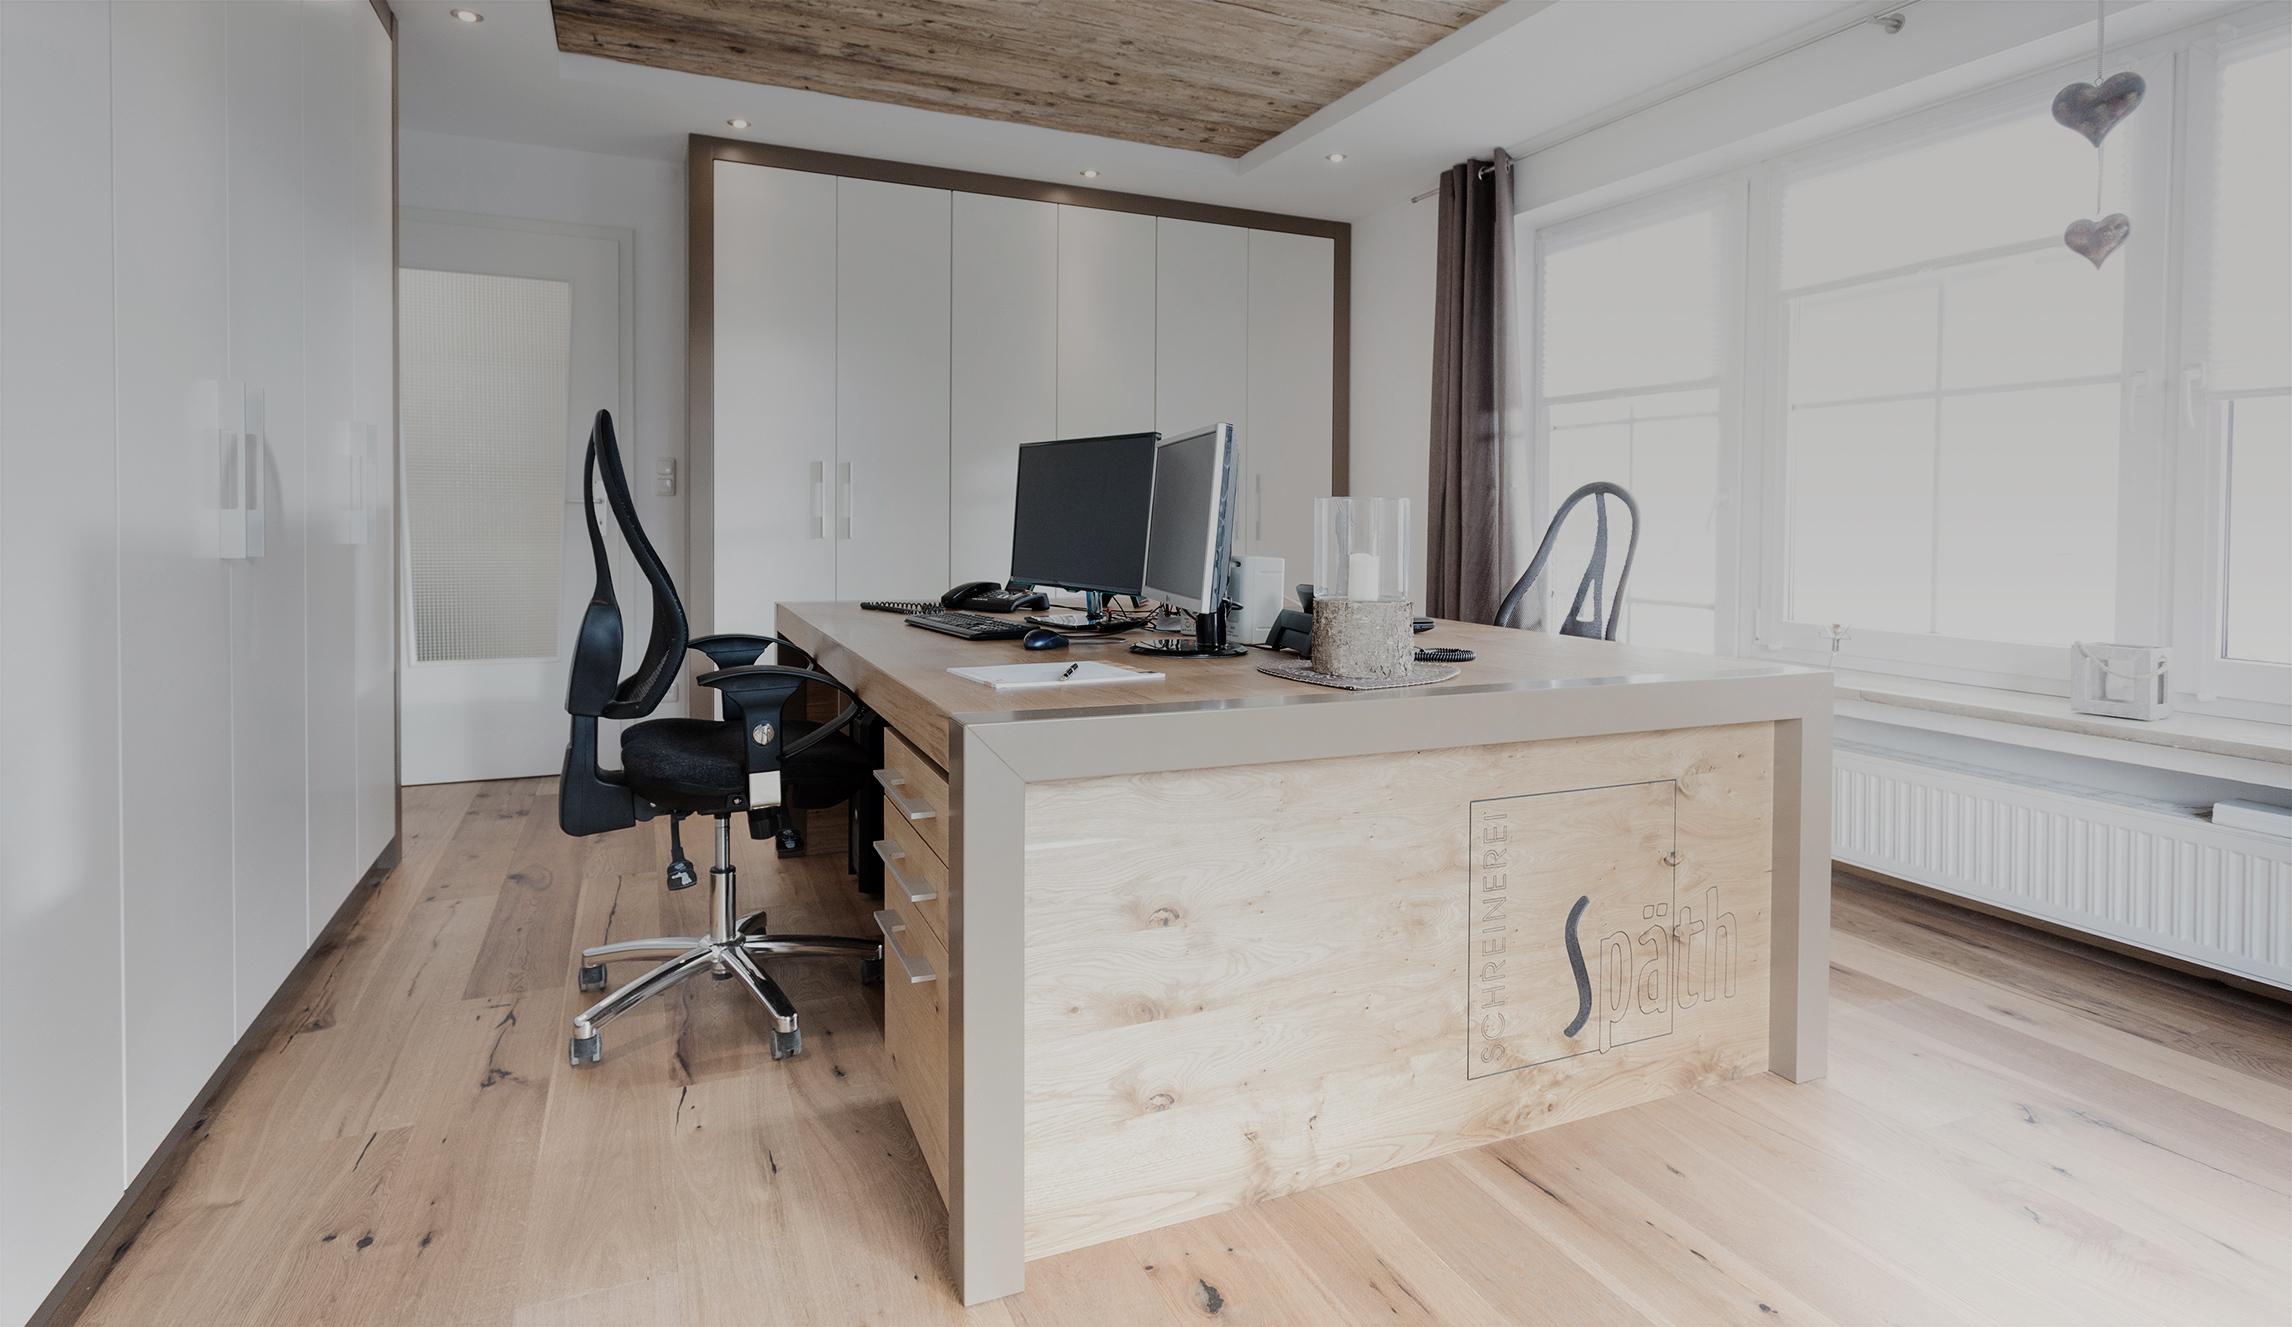 schreinerei sp th schreinerei meisterbetrieb. Black Bedroom Furniture Sets. Home Design Ideas